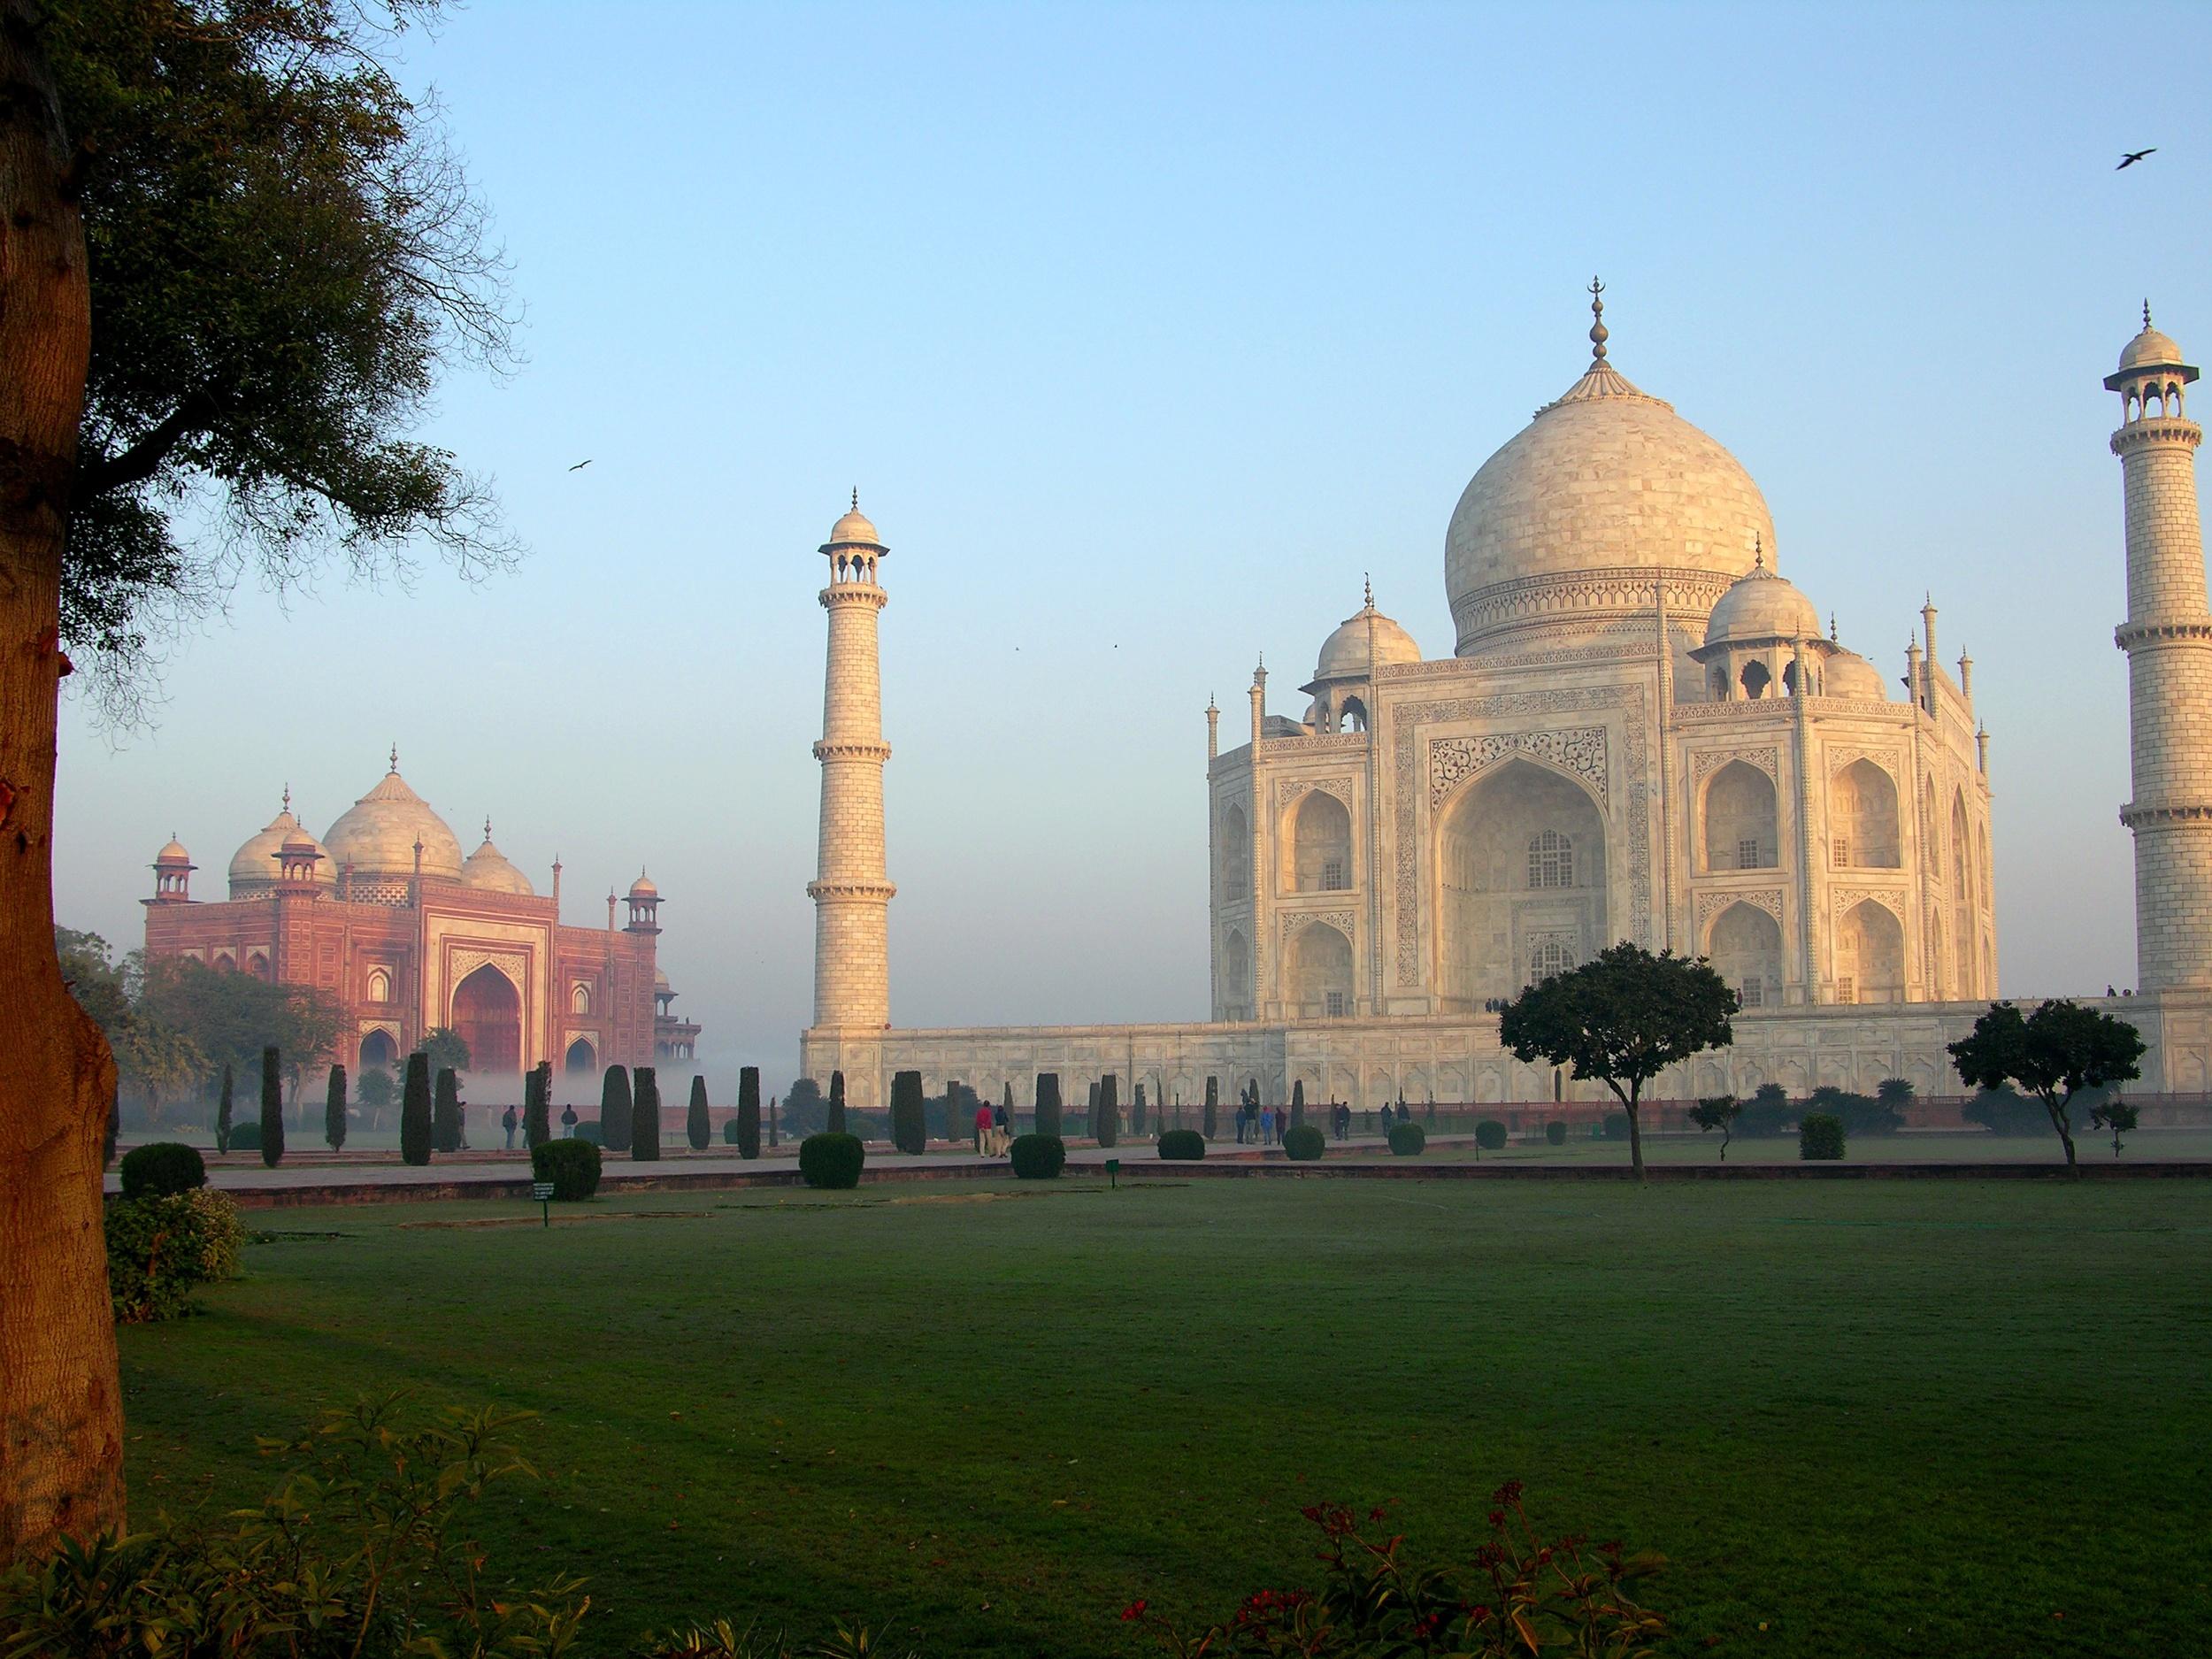 Taj Mahal Photo credit: Sanjay Chatterji